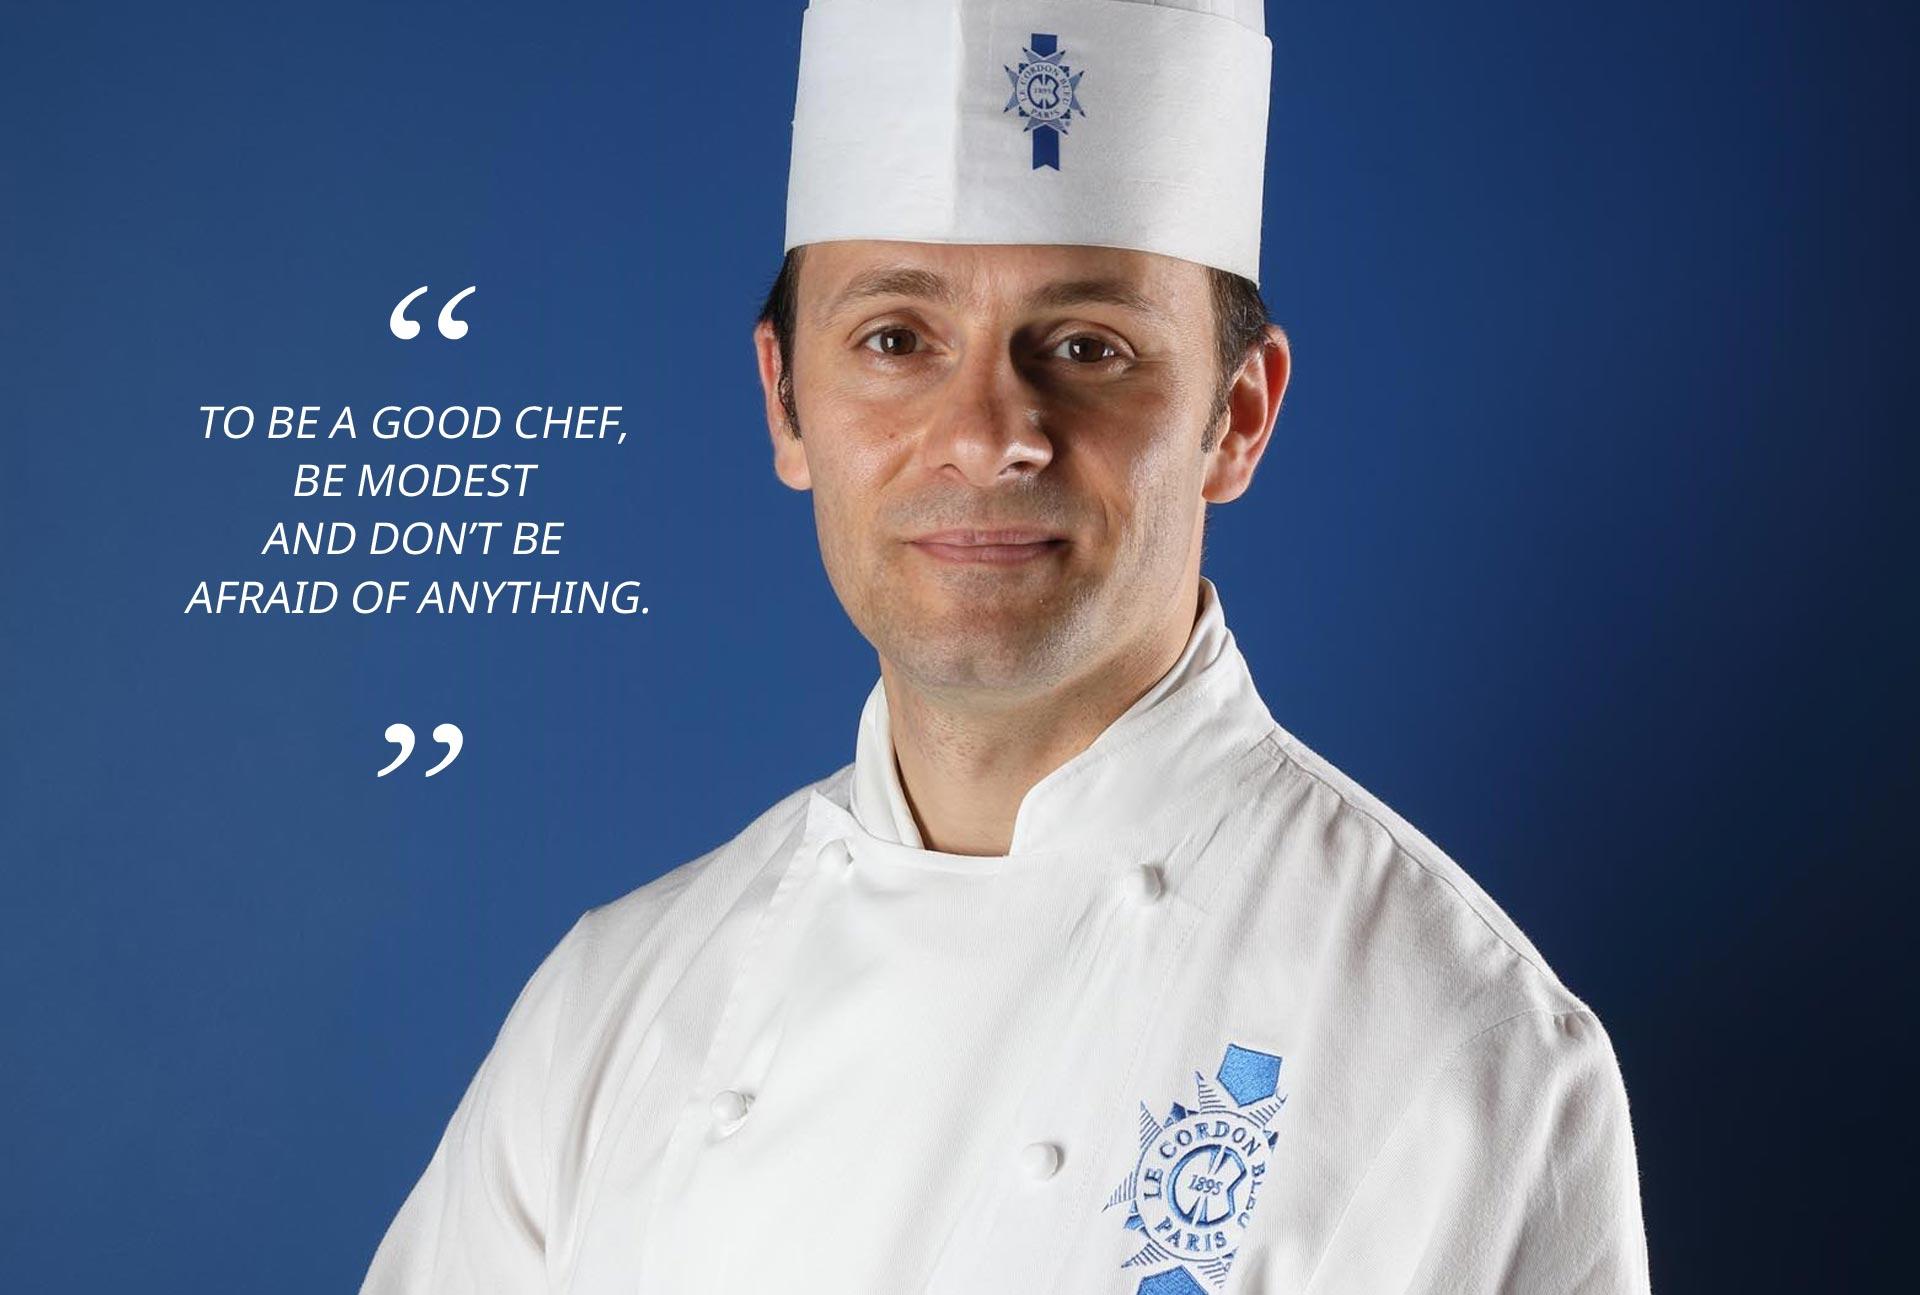 Guillaume Siegler cuisine chef